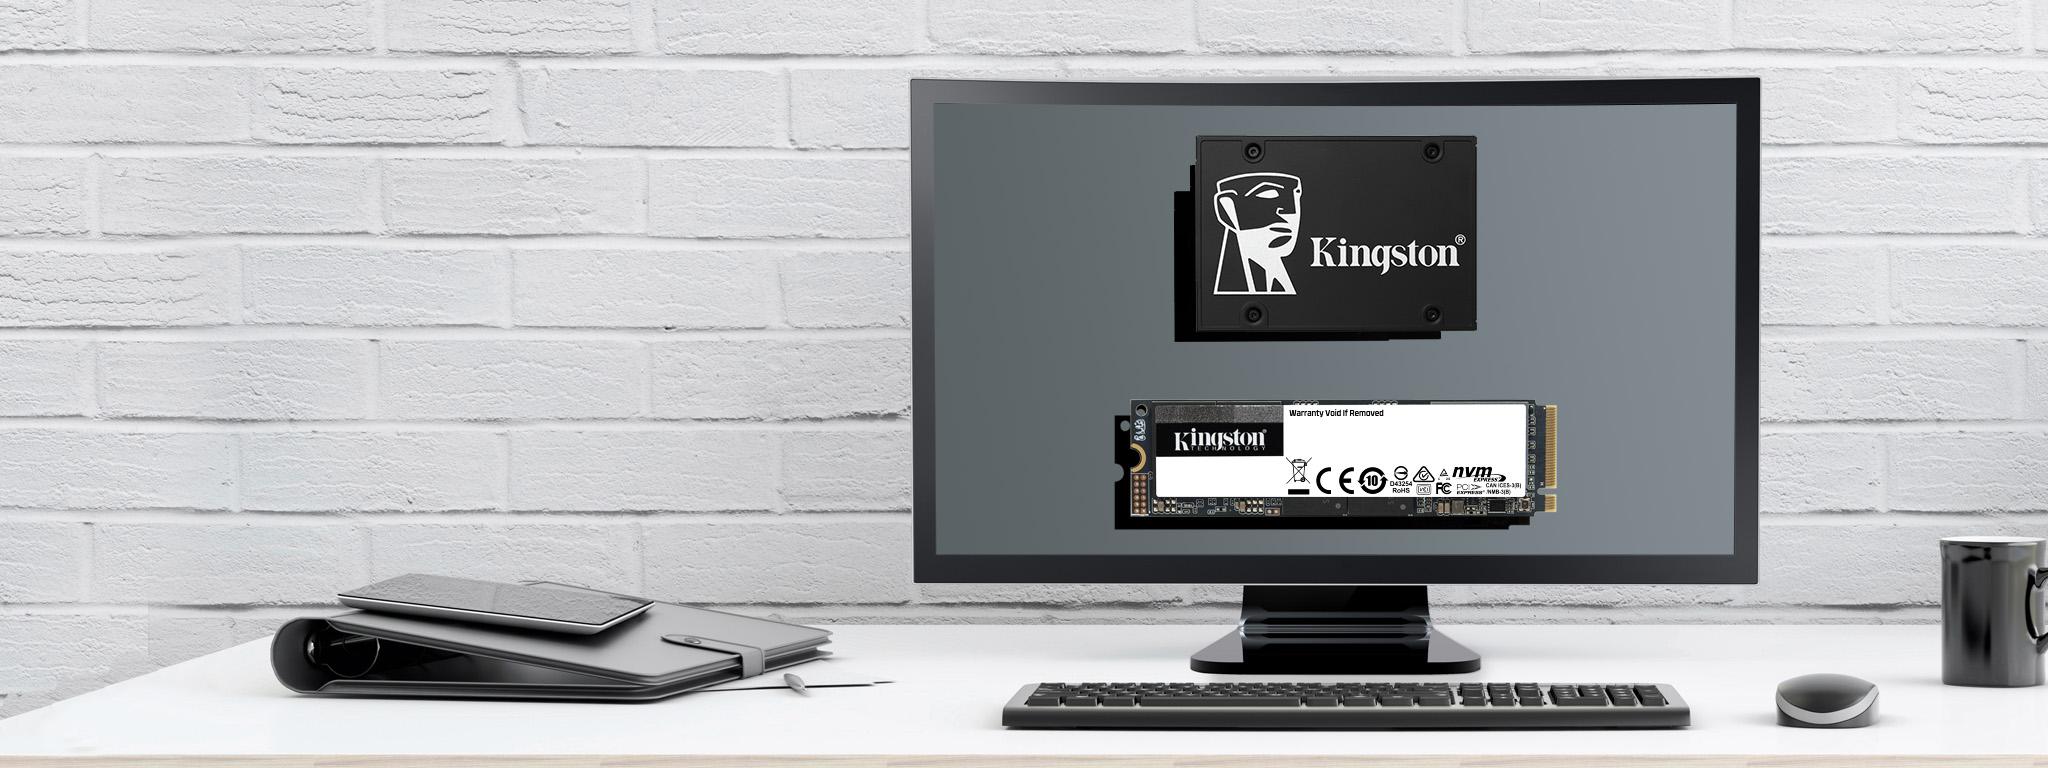 Écran plat d'ordinateur sur un bureau avec un   KC2500 et un KC600